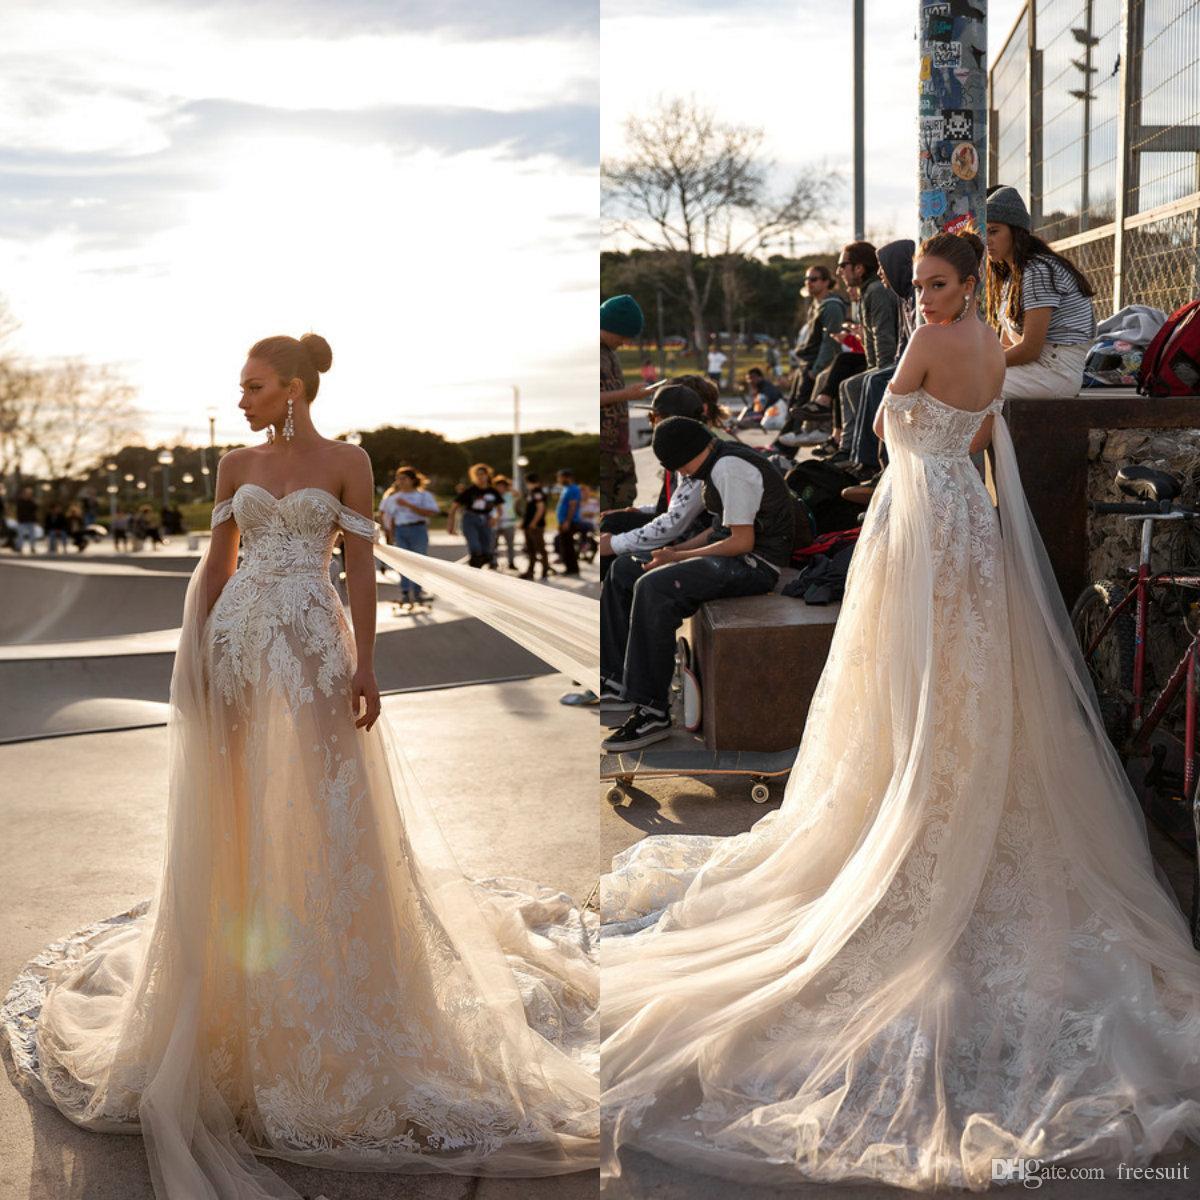 2020 Crystal Design Линия Свадебные платья аппликация бисером Милая развертки Поезд Кружева Свадебное платье сшитое Свадебные платья